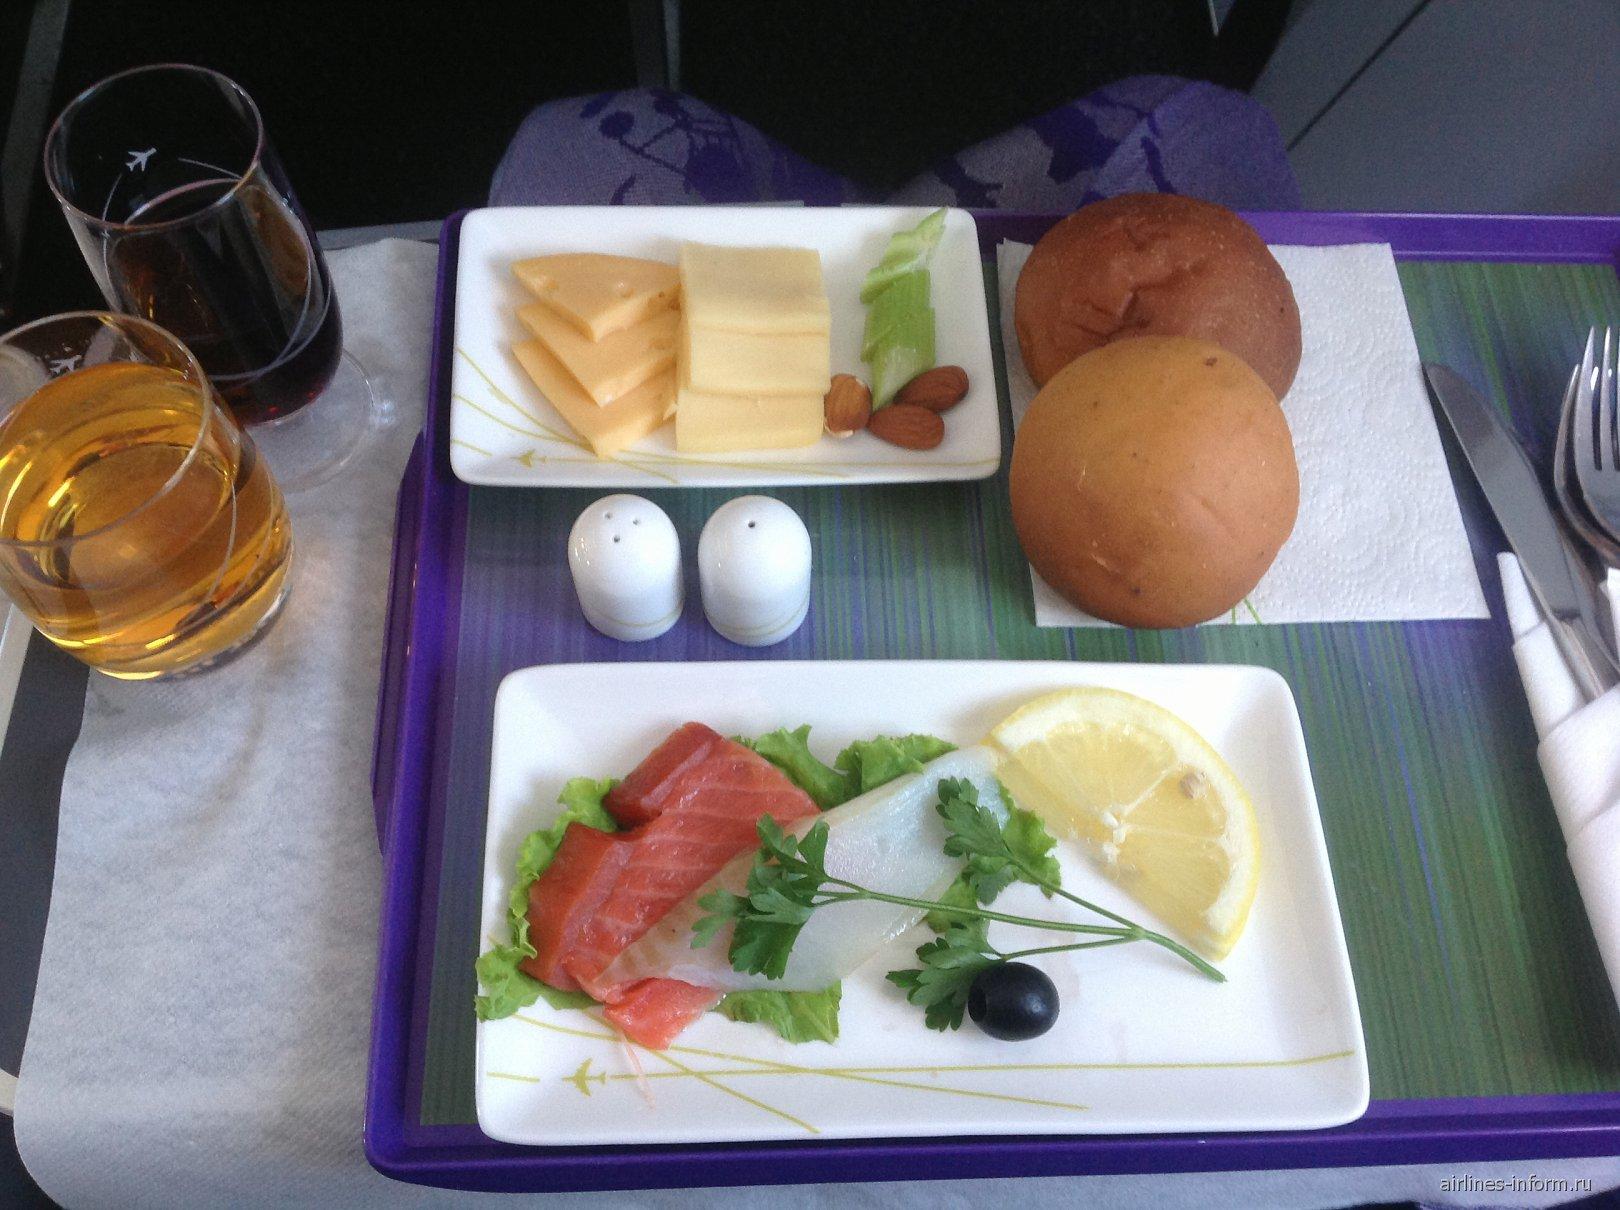 Холодные закуски в бизнес-классе S7 Airlines на рейсе Петропавловск-Камчатский-Хабаровск